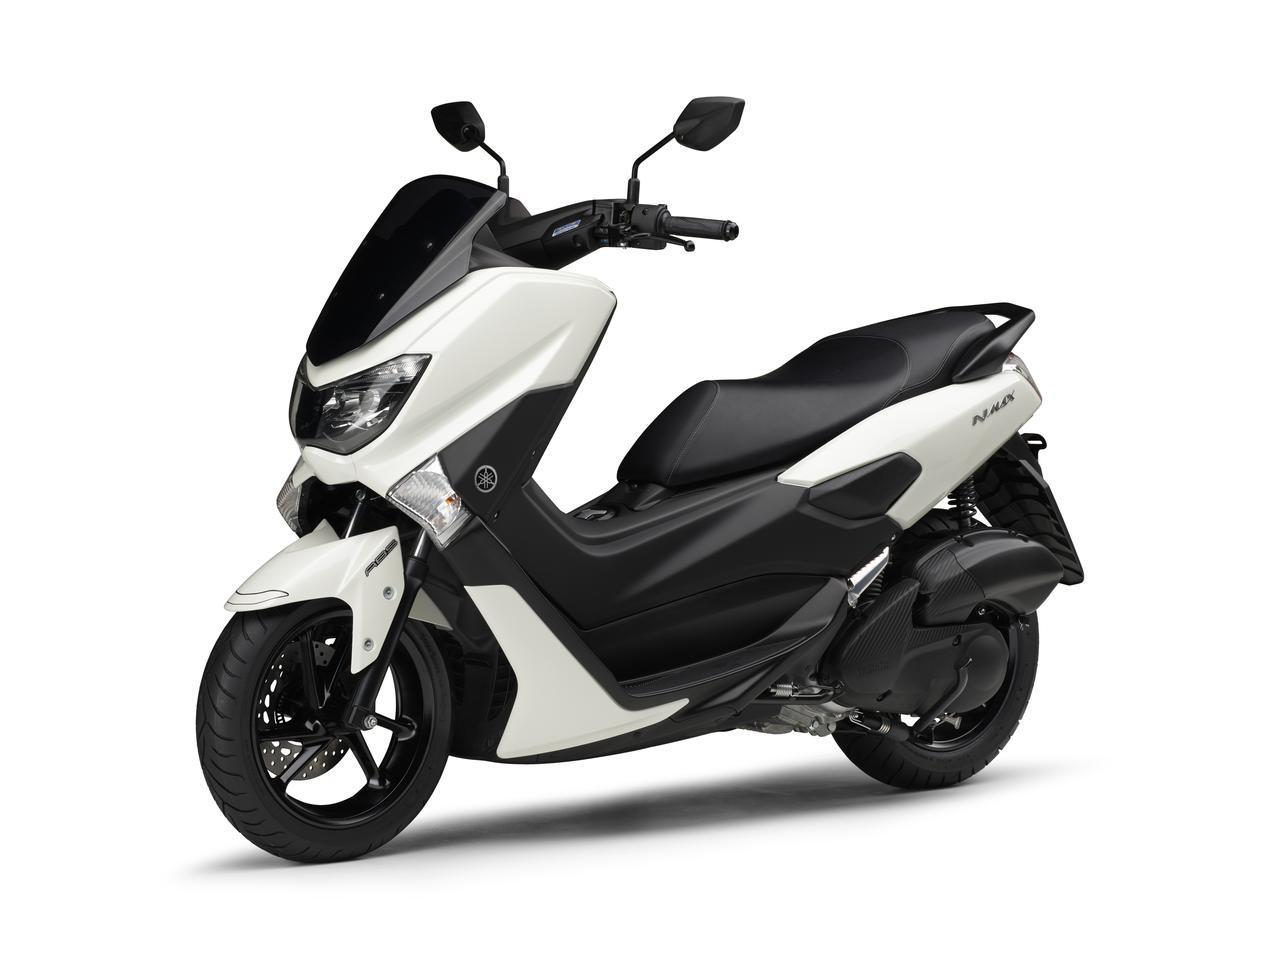 画像6: ヤマハ「NMAX ABS」(2020年)解説&試乗インプレ|YAMAHAで最も高価な125cc二輪スクーターの魅力とは?